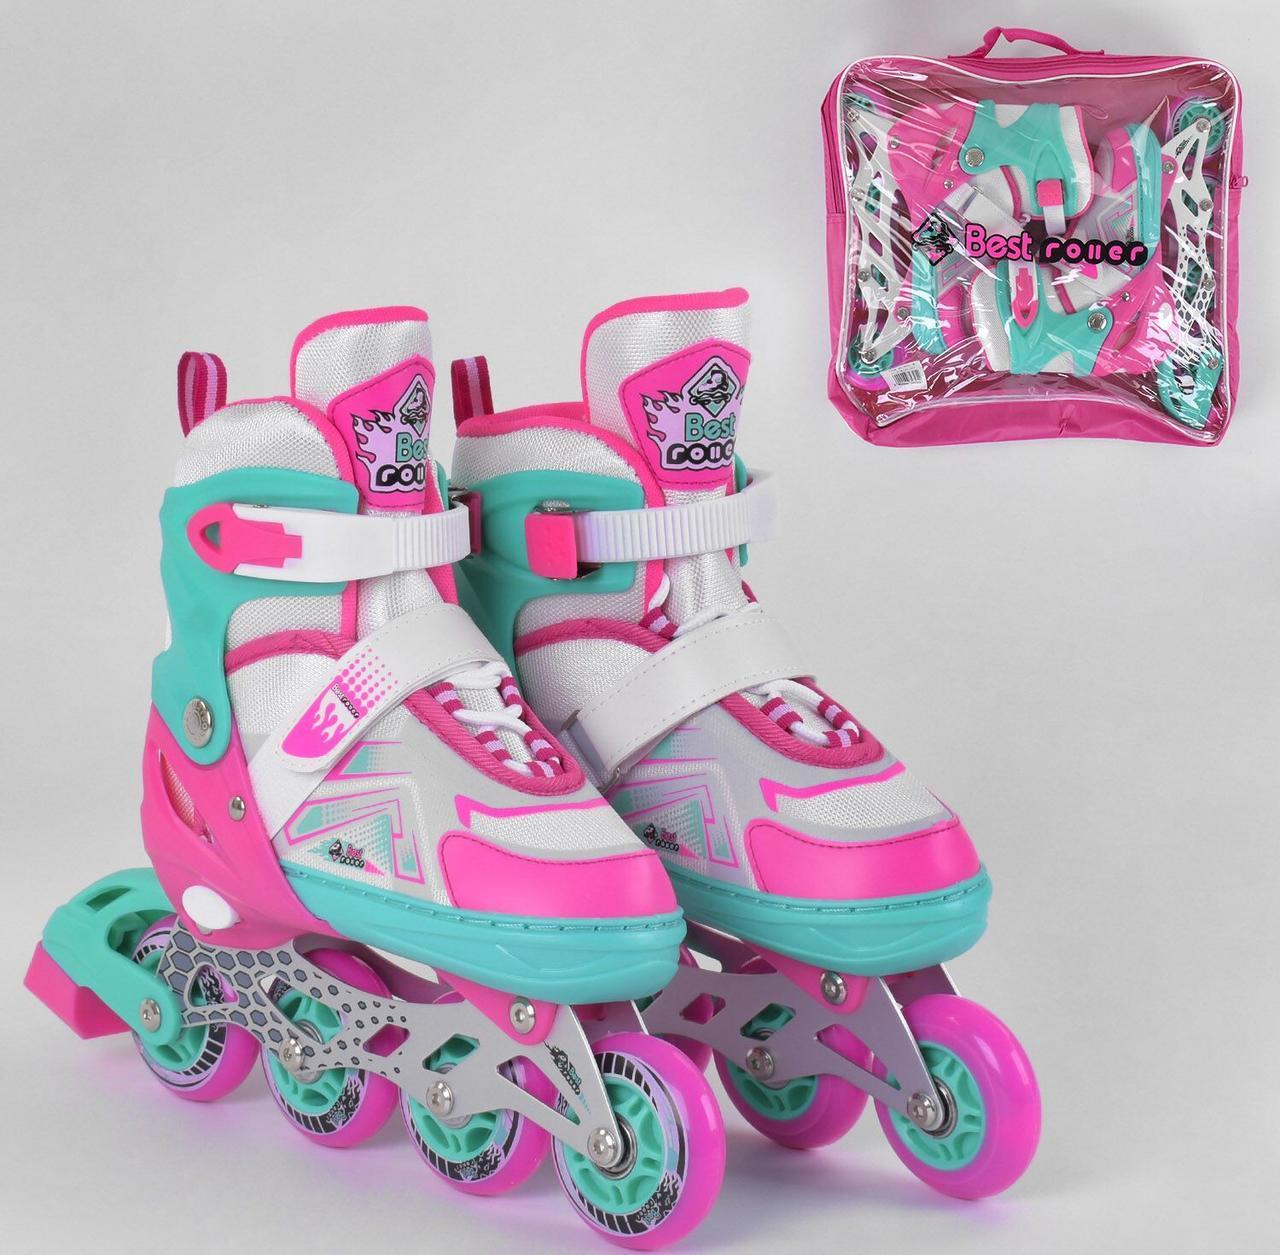 Ковзани роликові дитячі з надійною фіксацією ноги, 4611-M Best Roller (розмір 34-37), рожево-бірюзовий